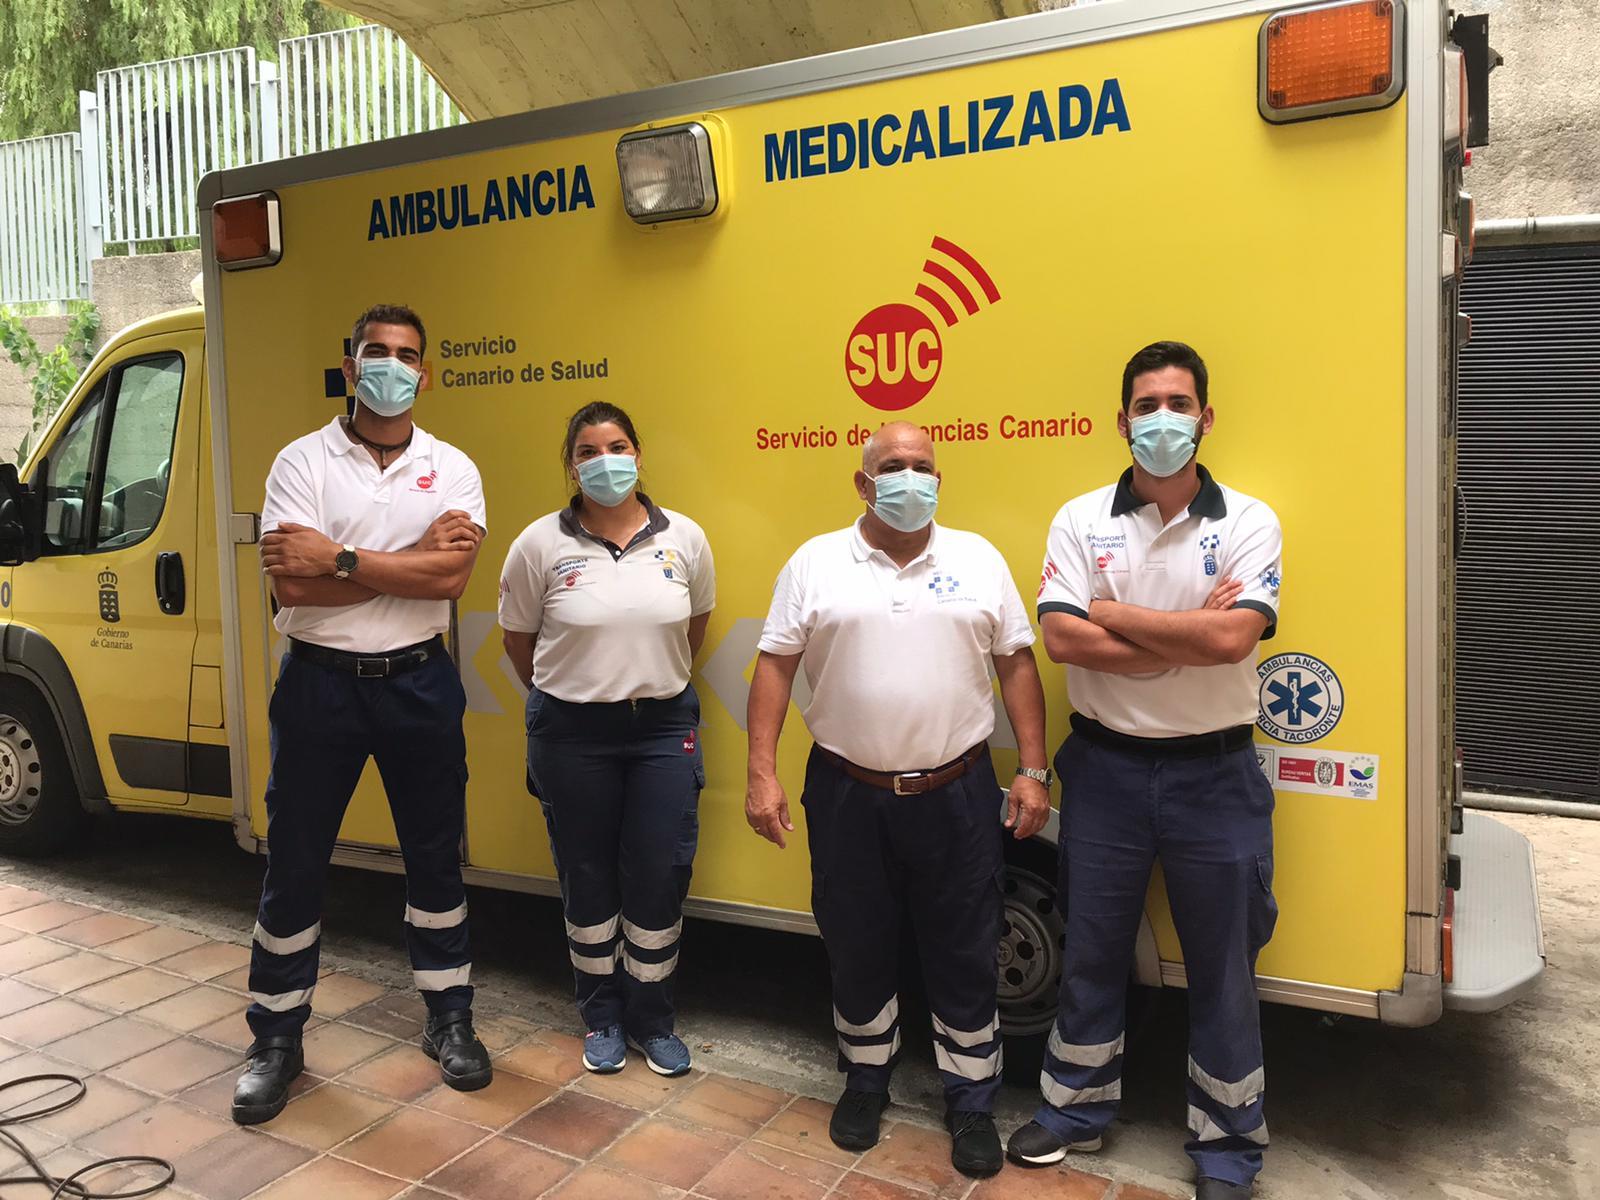 Dotación de ambulancia medicalizada del SUC en La Palma